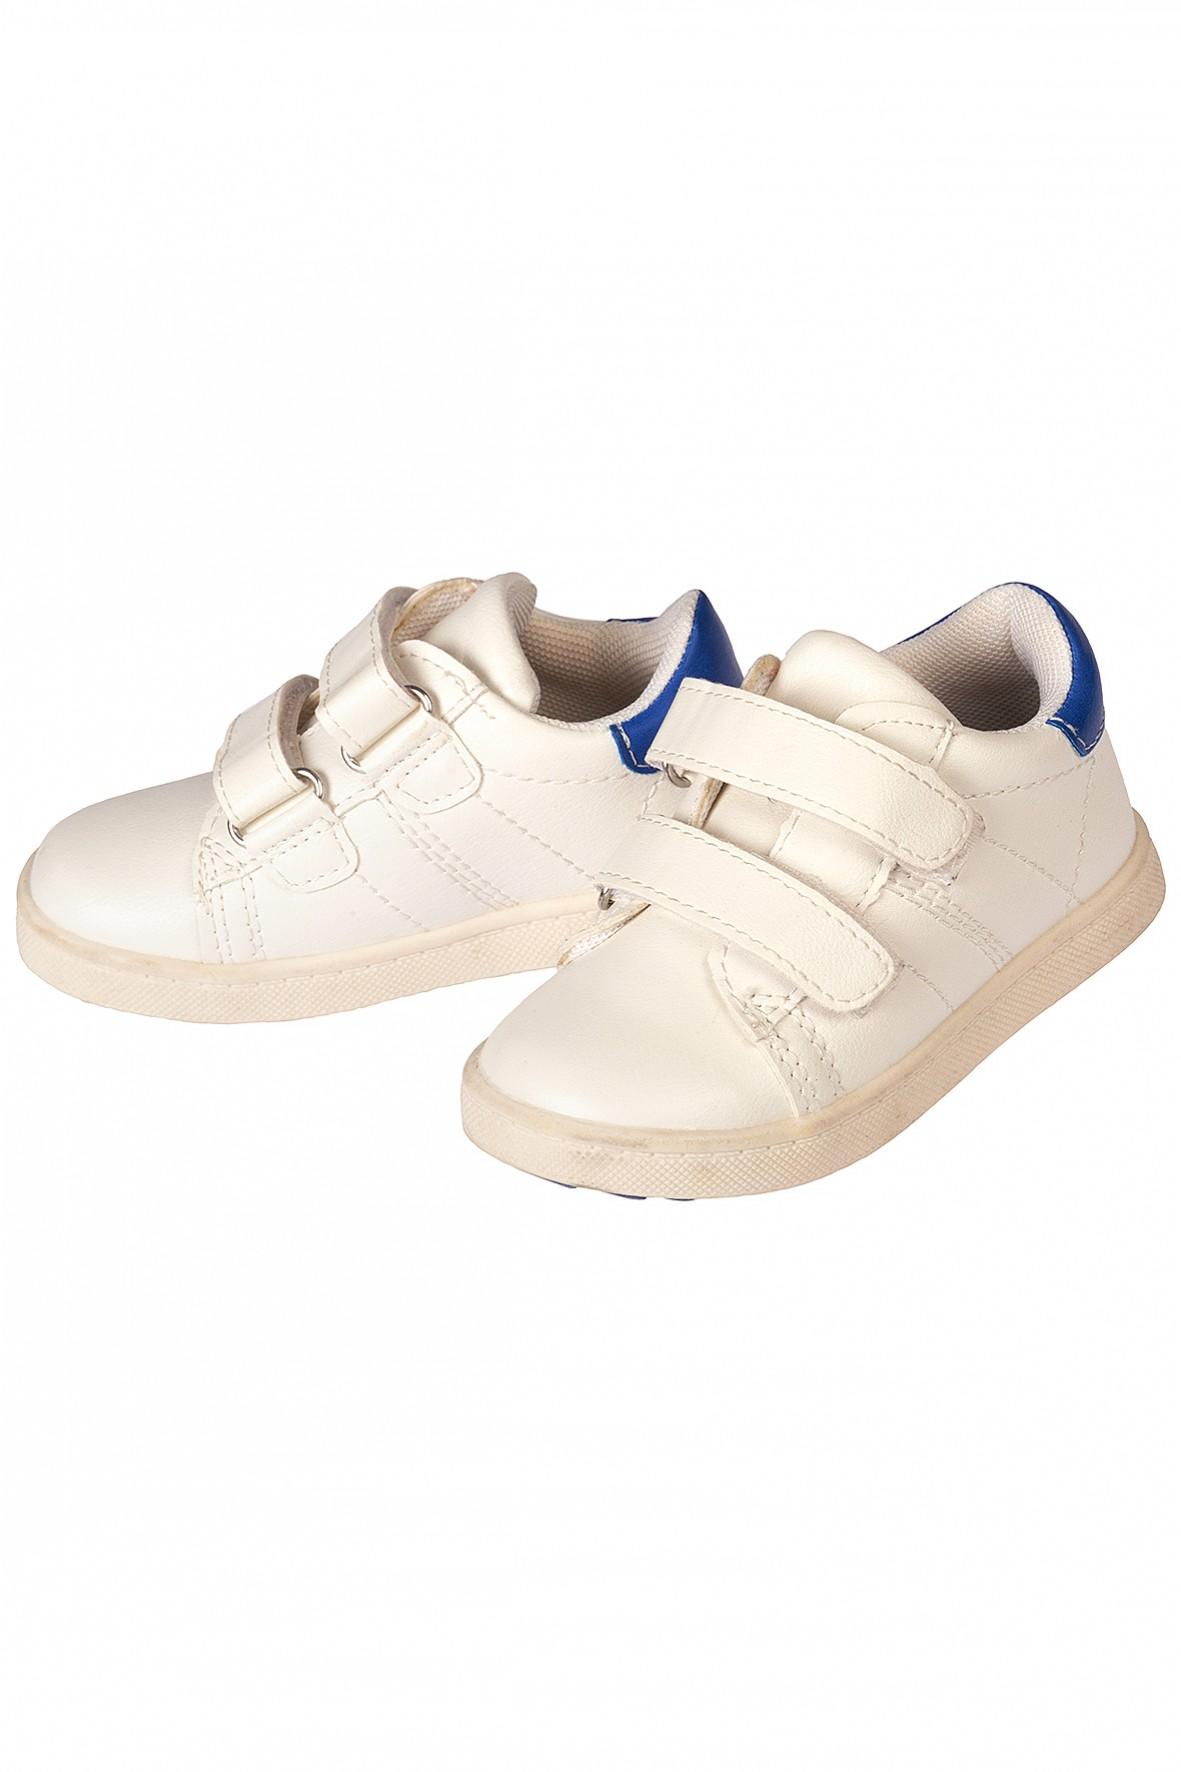 Buty chłopięce sportowe białe na rzep